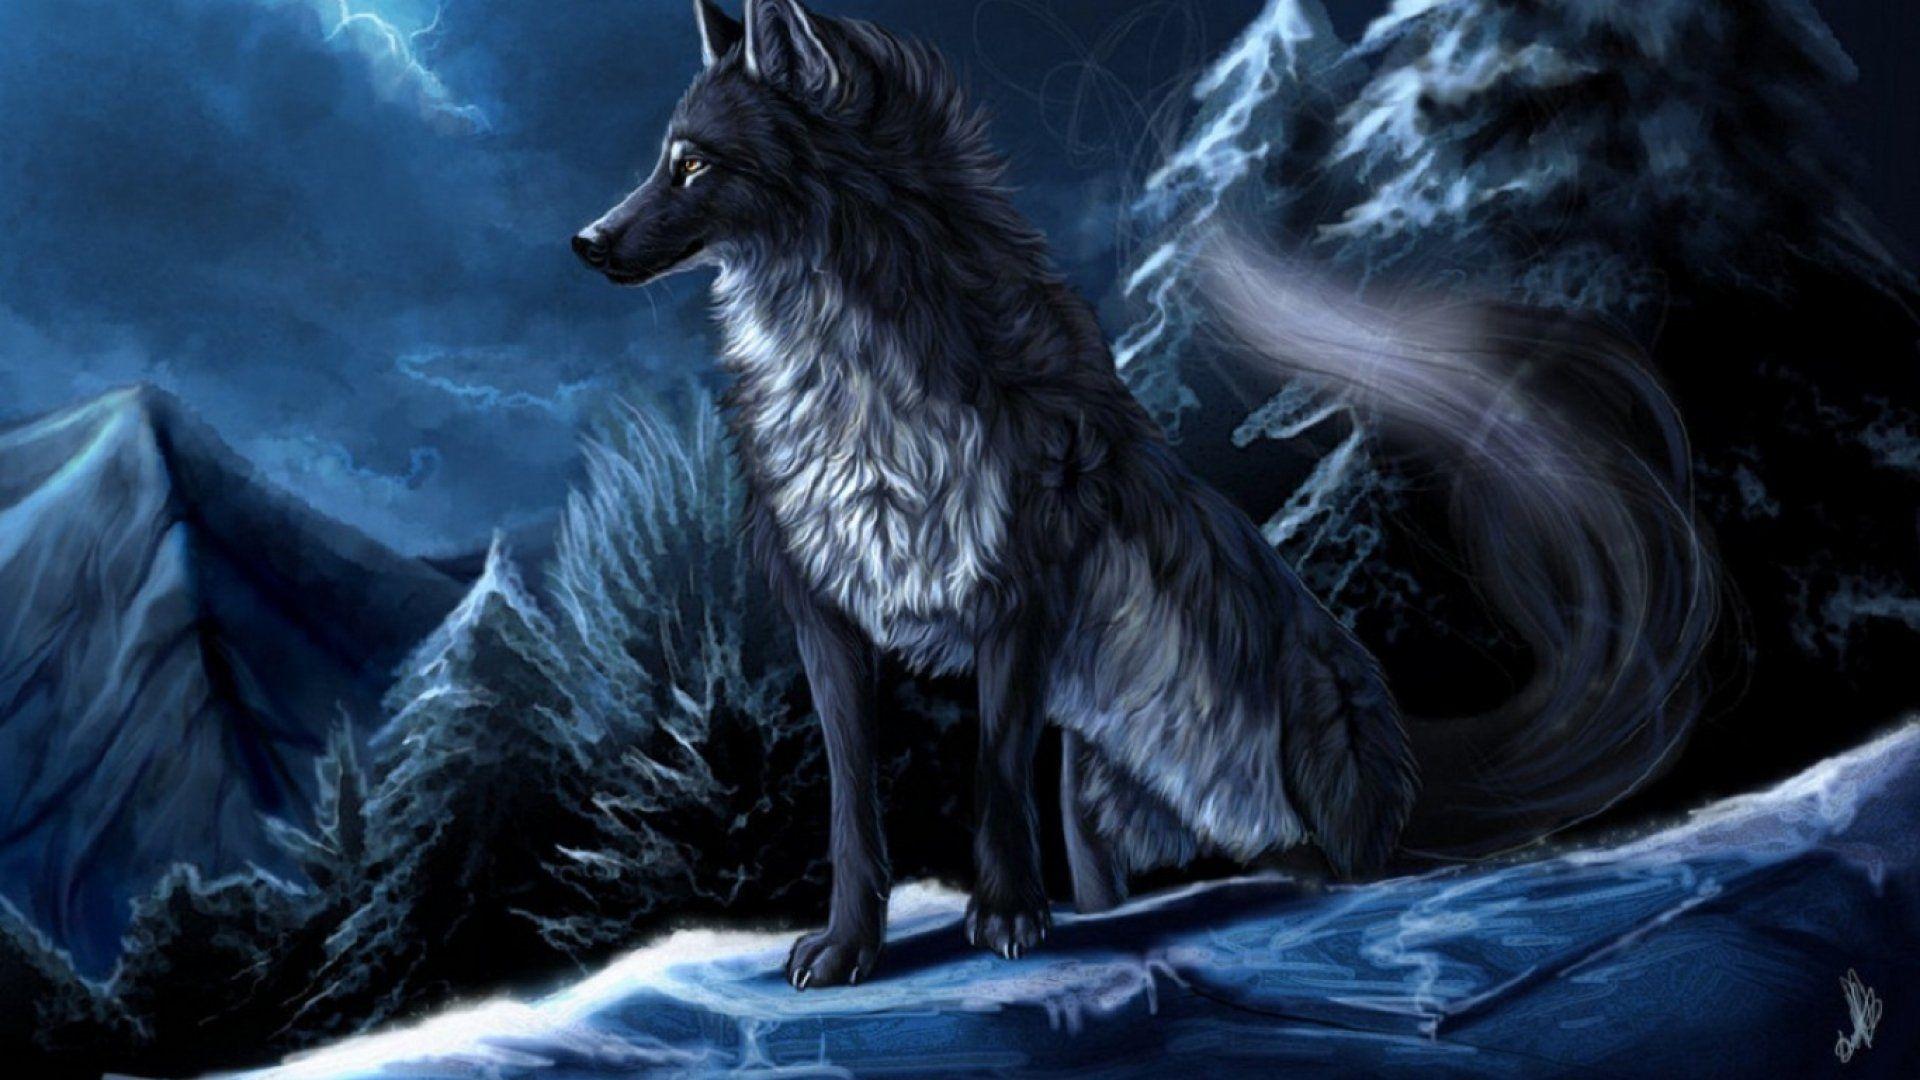 таинственная фото волка сувенирная продукция отличается